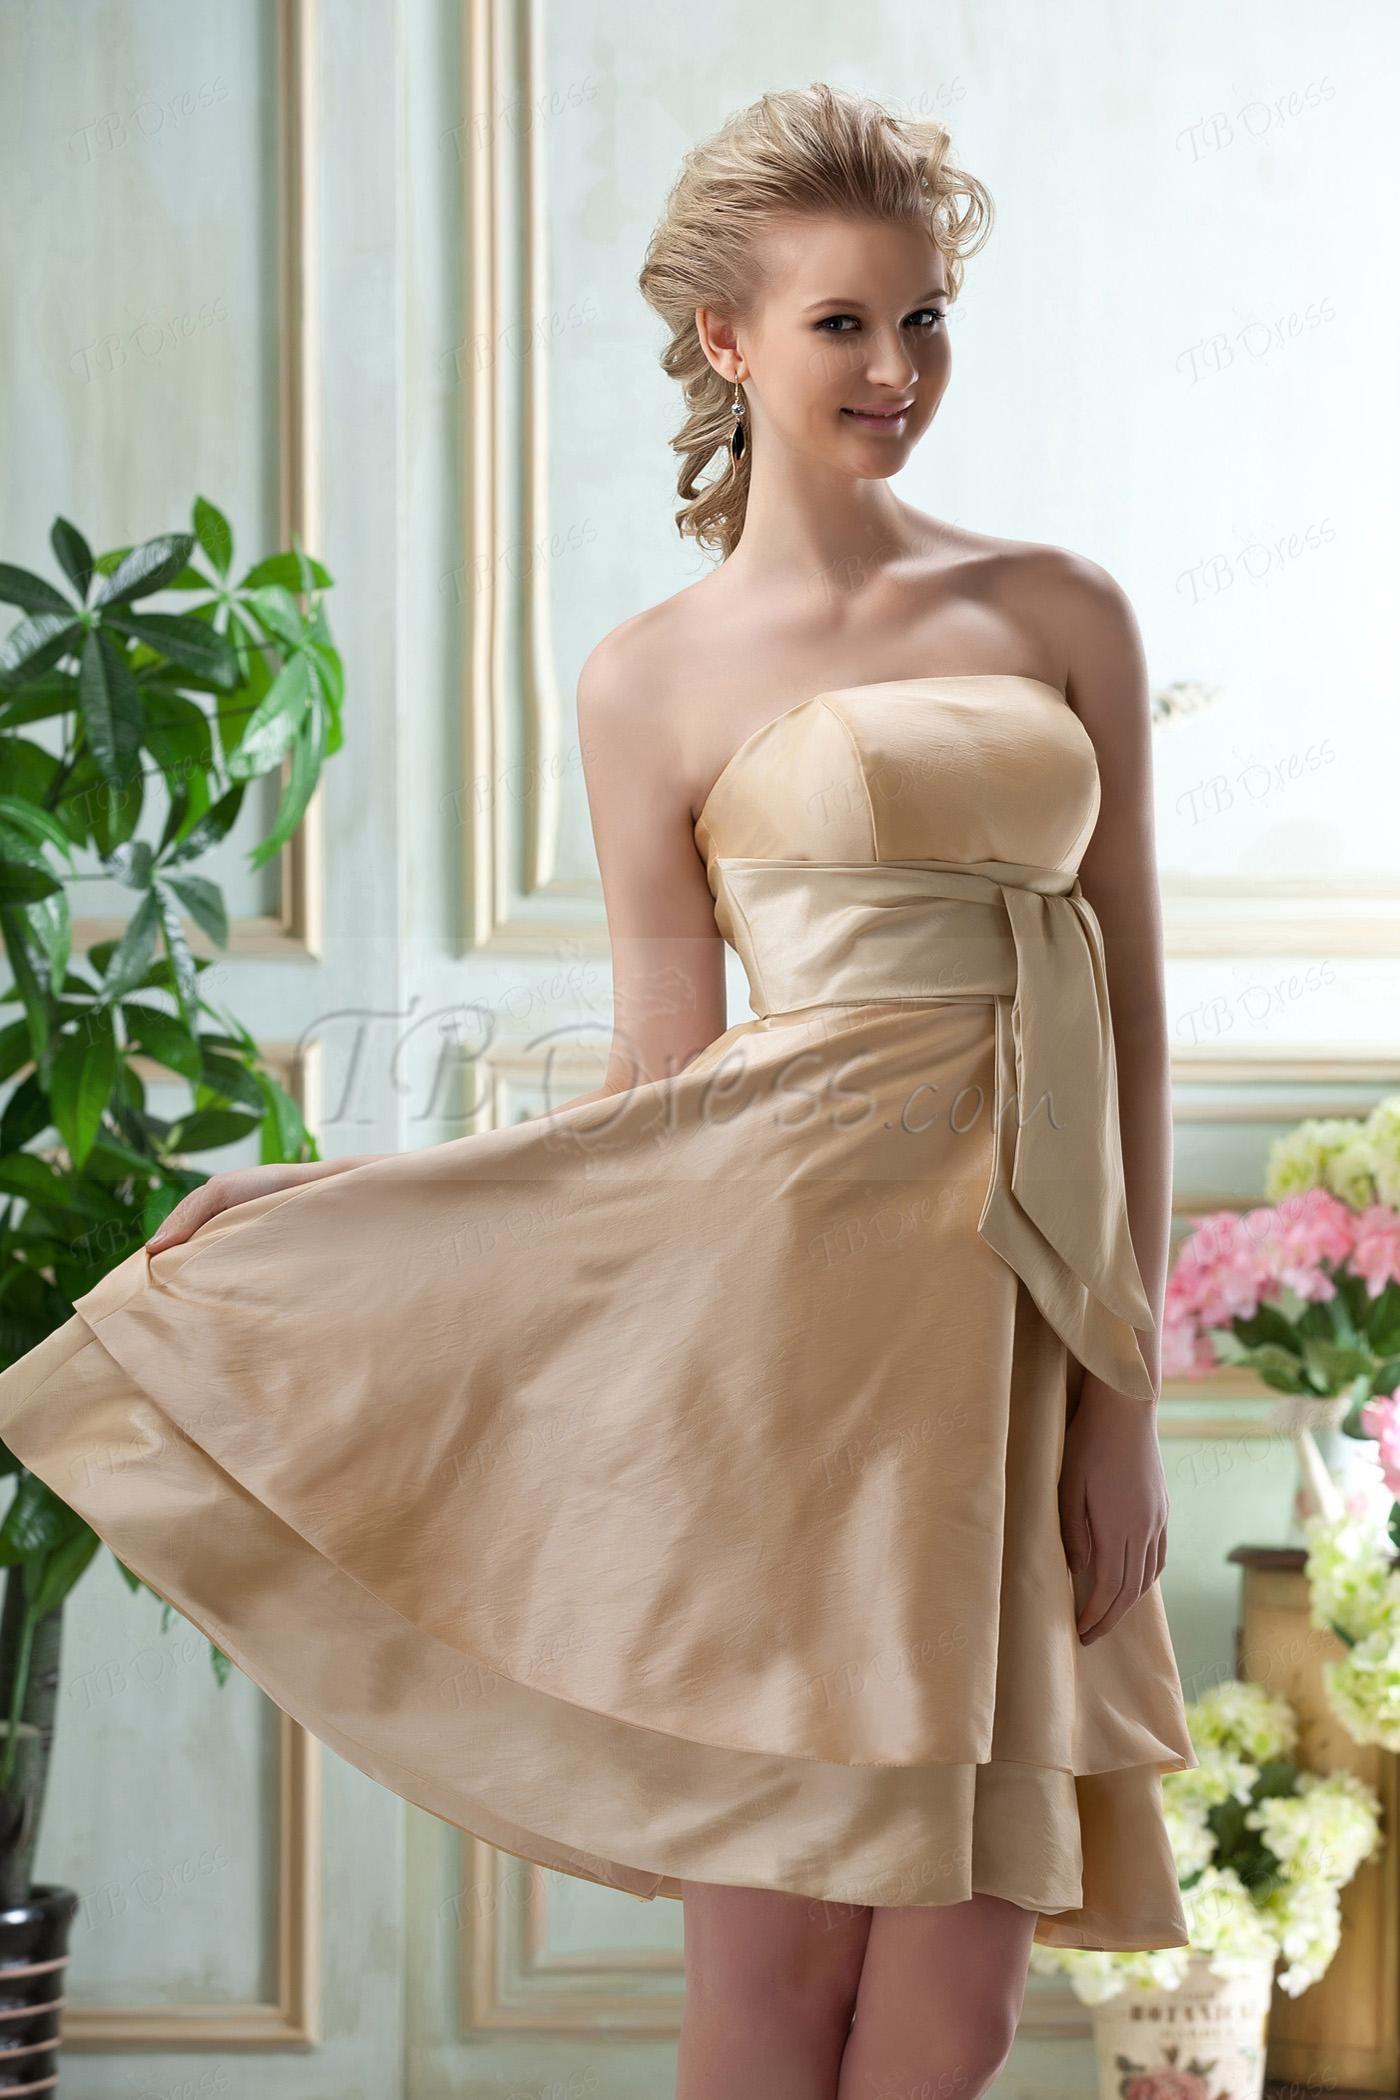 Impressive A-Line Strapless Knee-Length Bridesmaid Dress tbdress.com 75